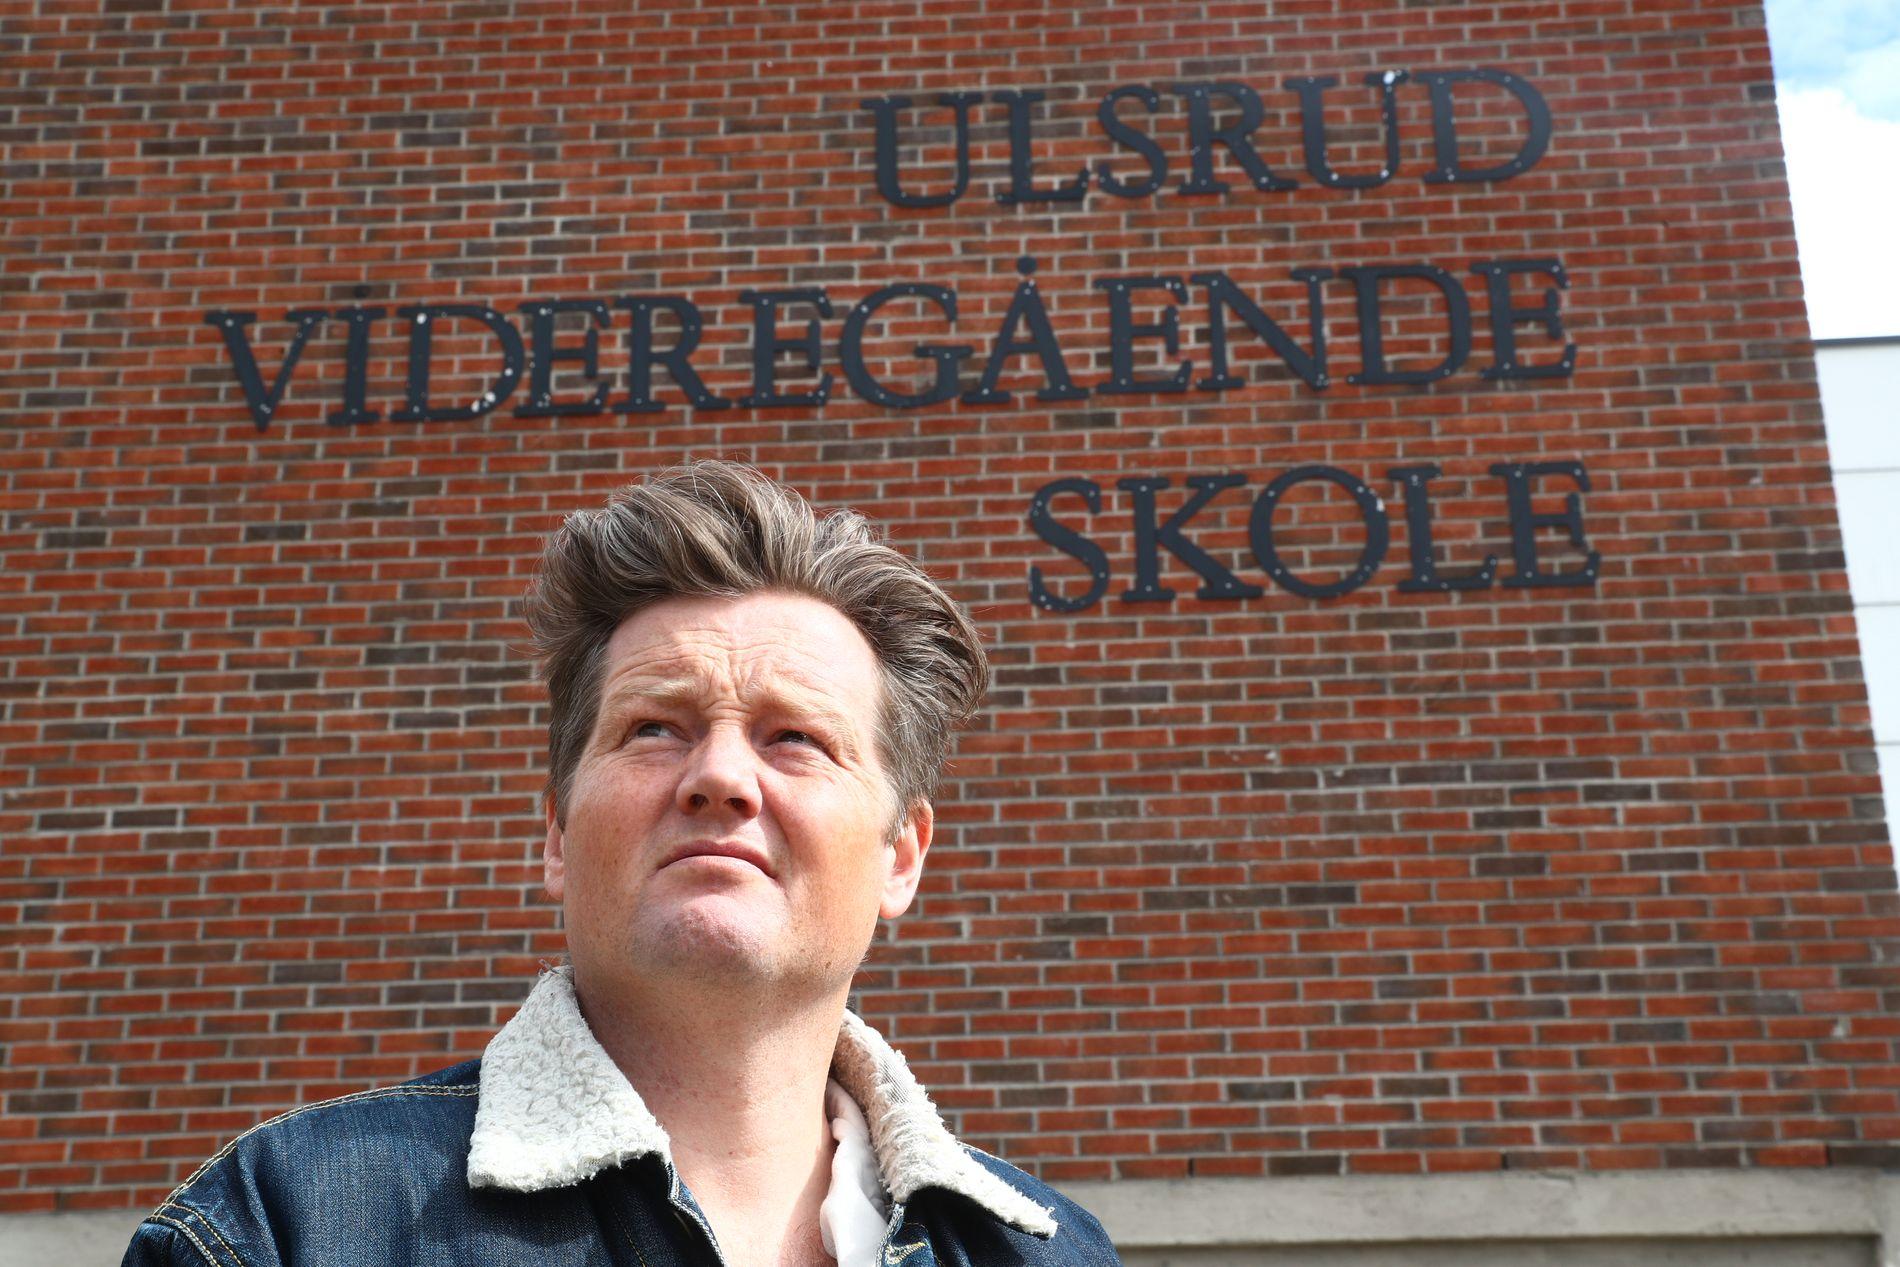 HAR PERMISJON: Simon Malkenes har dette skoleåret permisjon fra lærerjobben ved Ulsrud videregående skole i Oslo, der han blant annet har undervist i norsk.